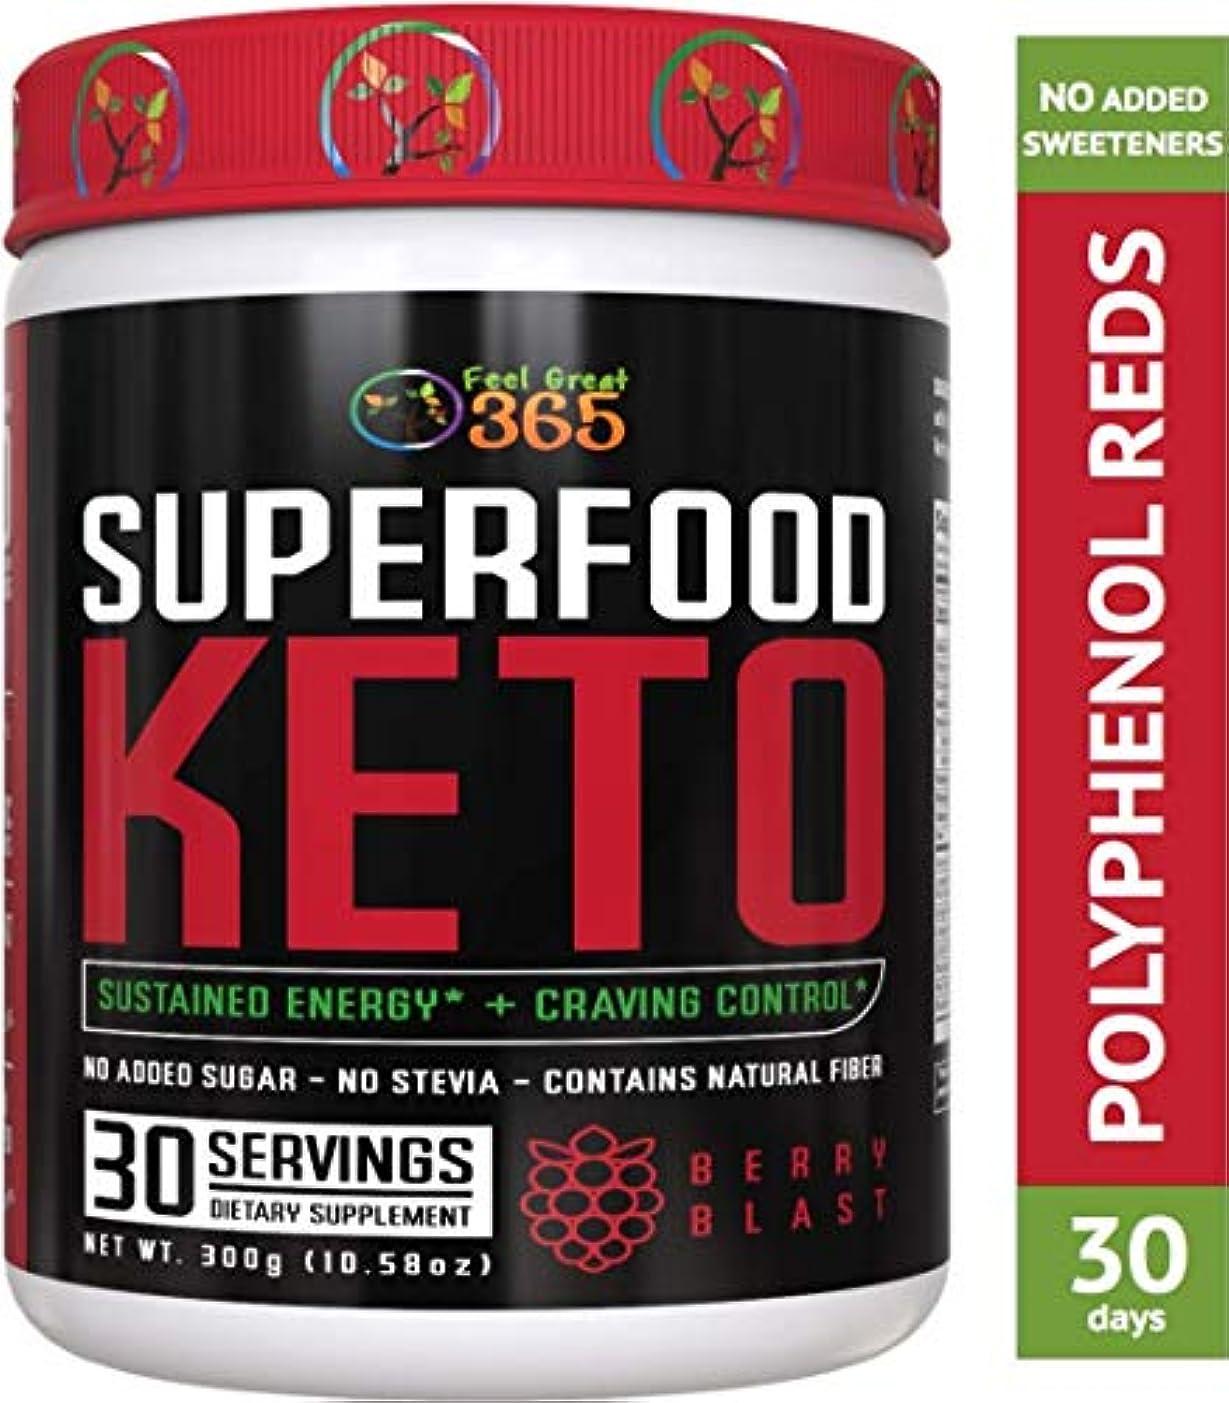 格差適切なストレッチ[(フィールグレート365) Feel Great 365] [Superfood Vital Reds Keto by Feel Great 365 フィールグレート365でバイタルレッズケトスーパーフード]